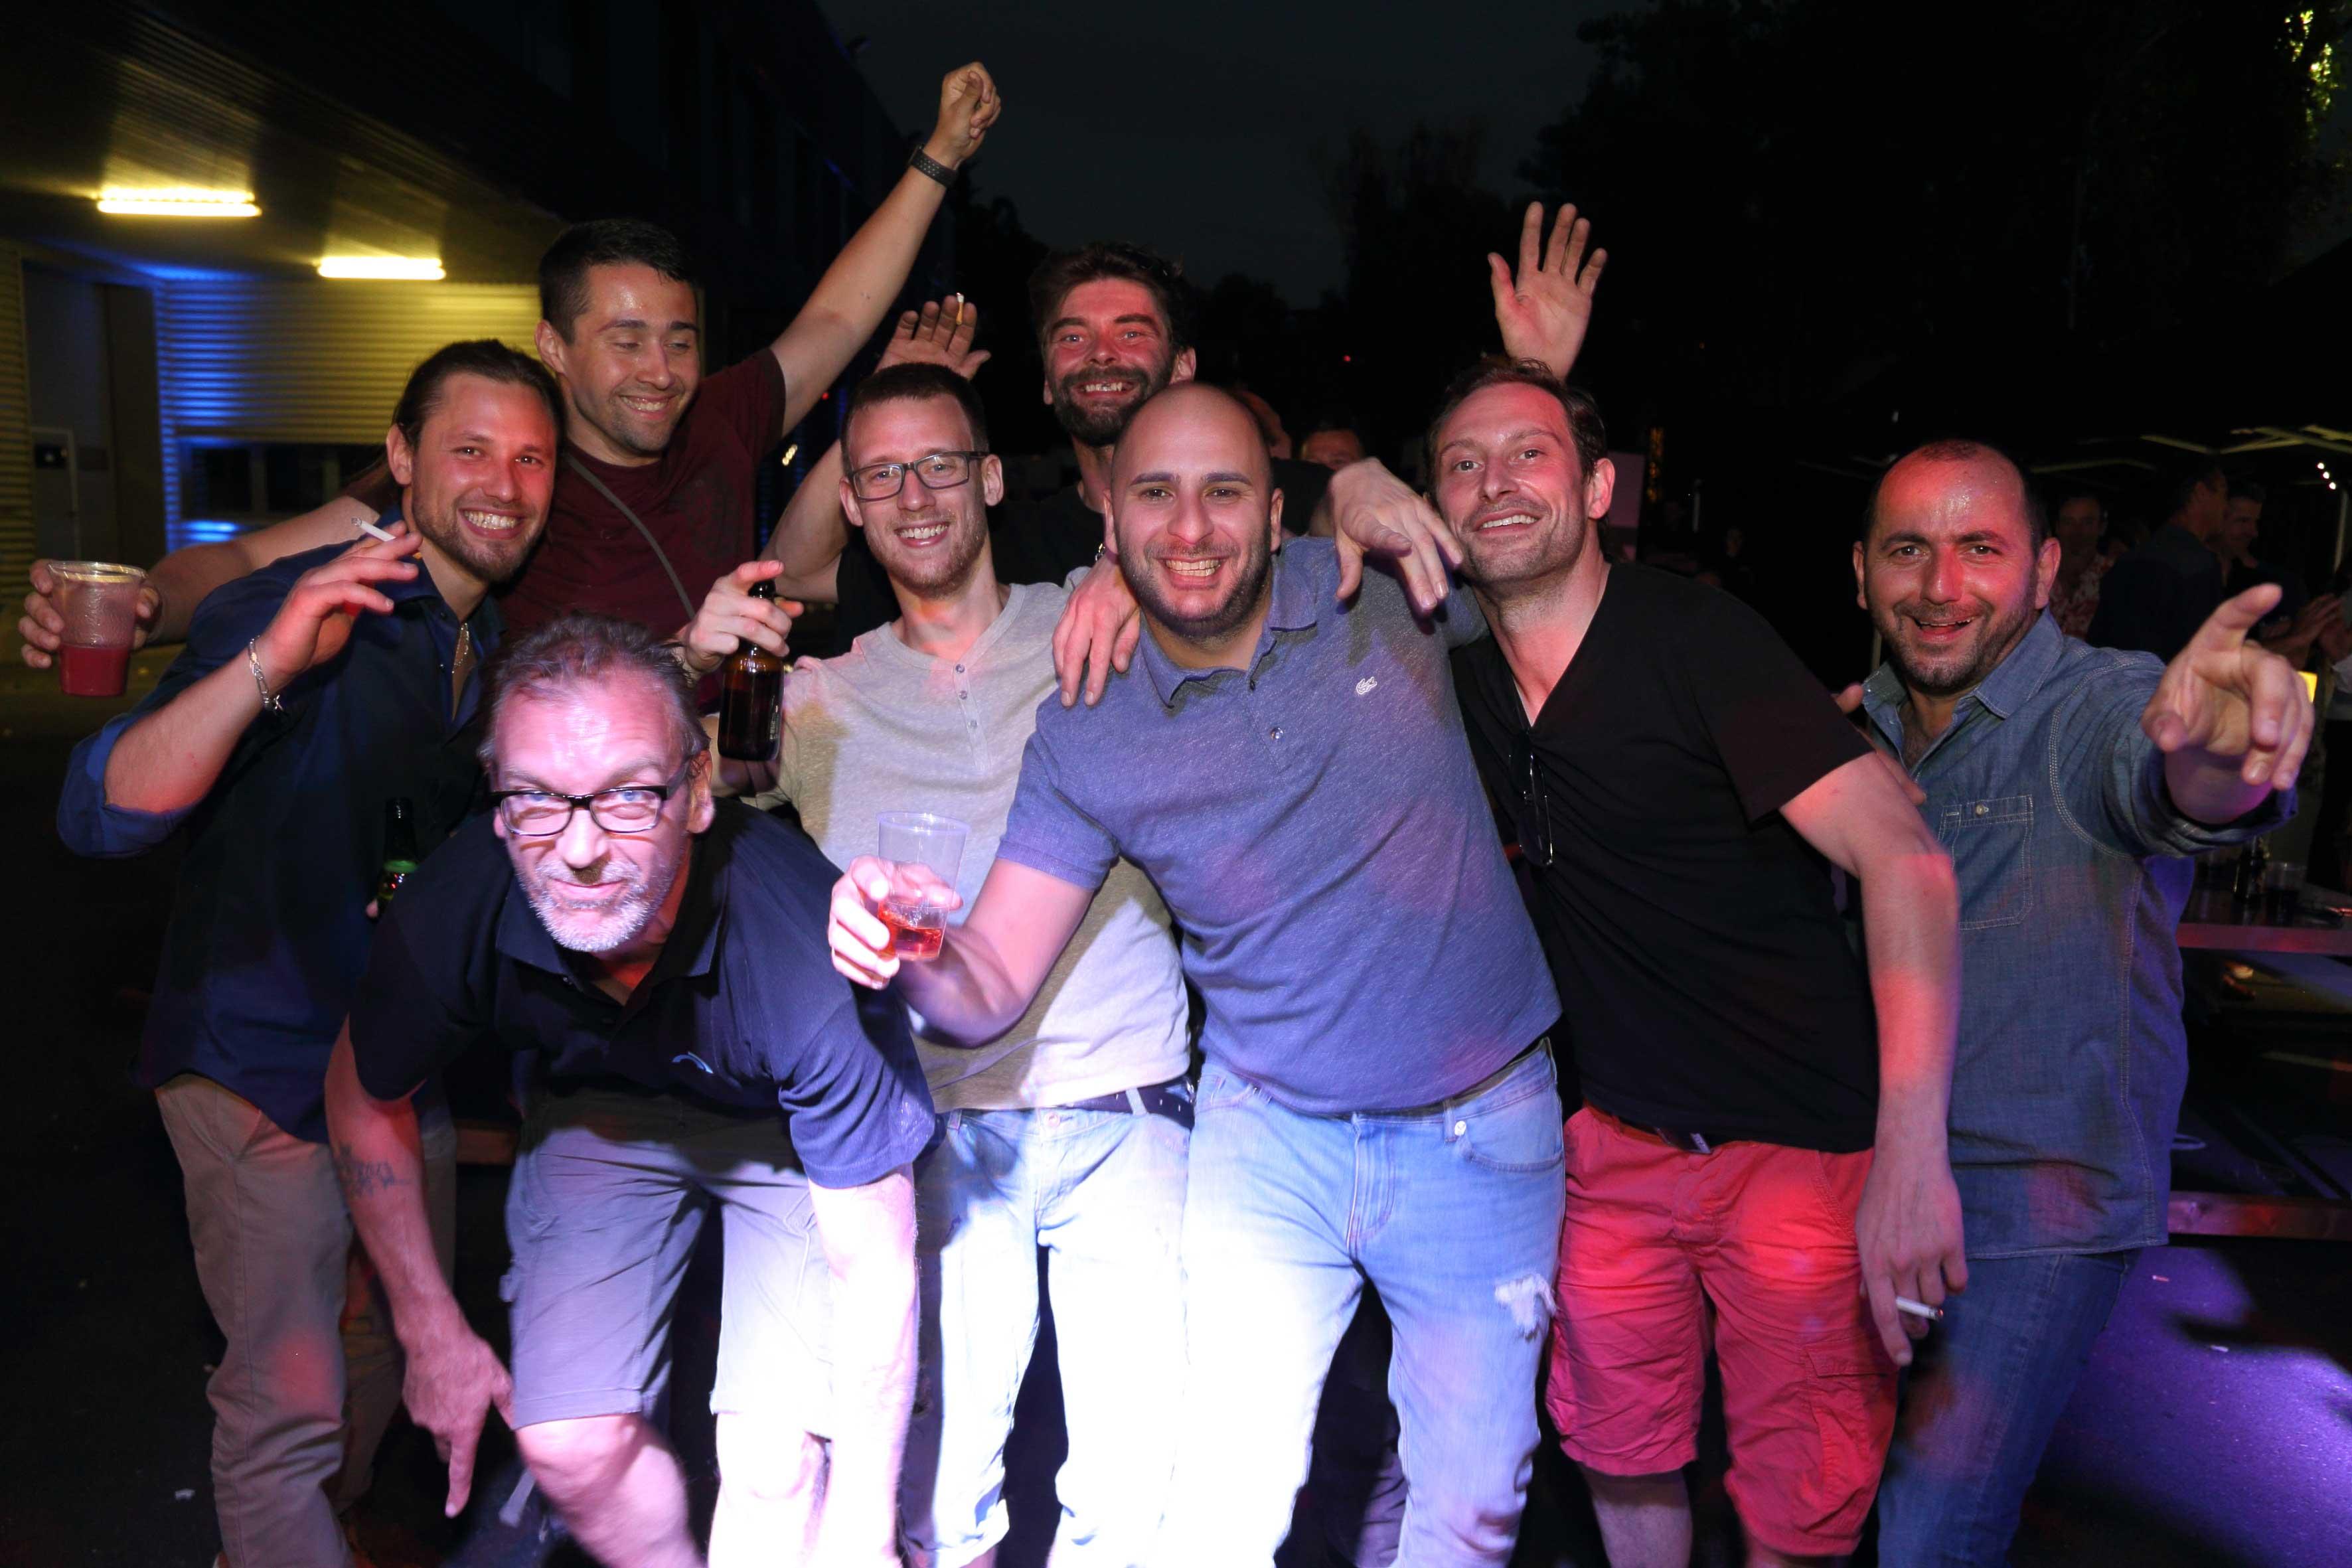 aucop-soiree-wissous-29juin-barbecue-paris-audiovisuel